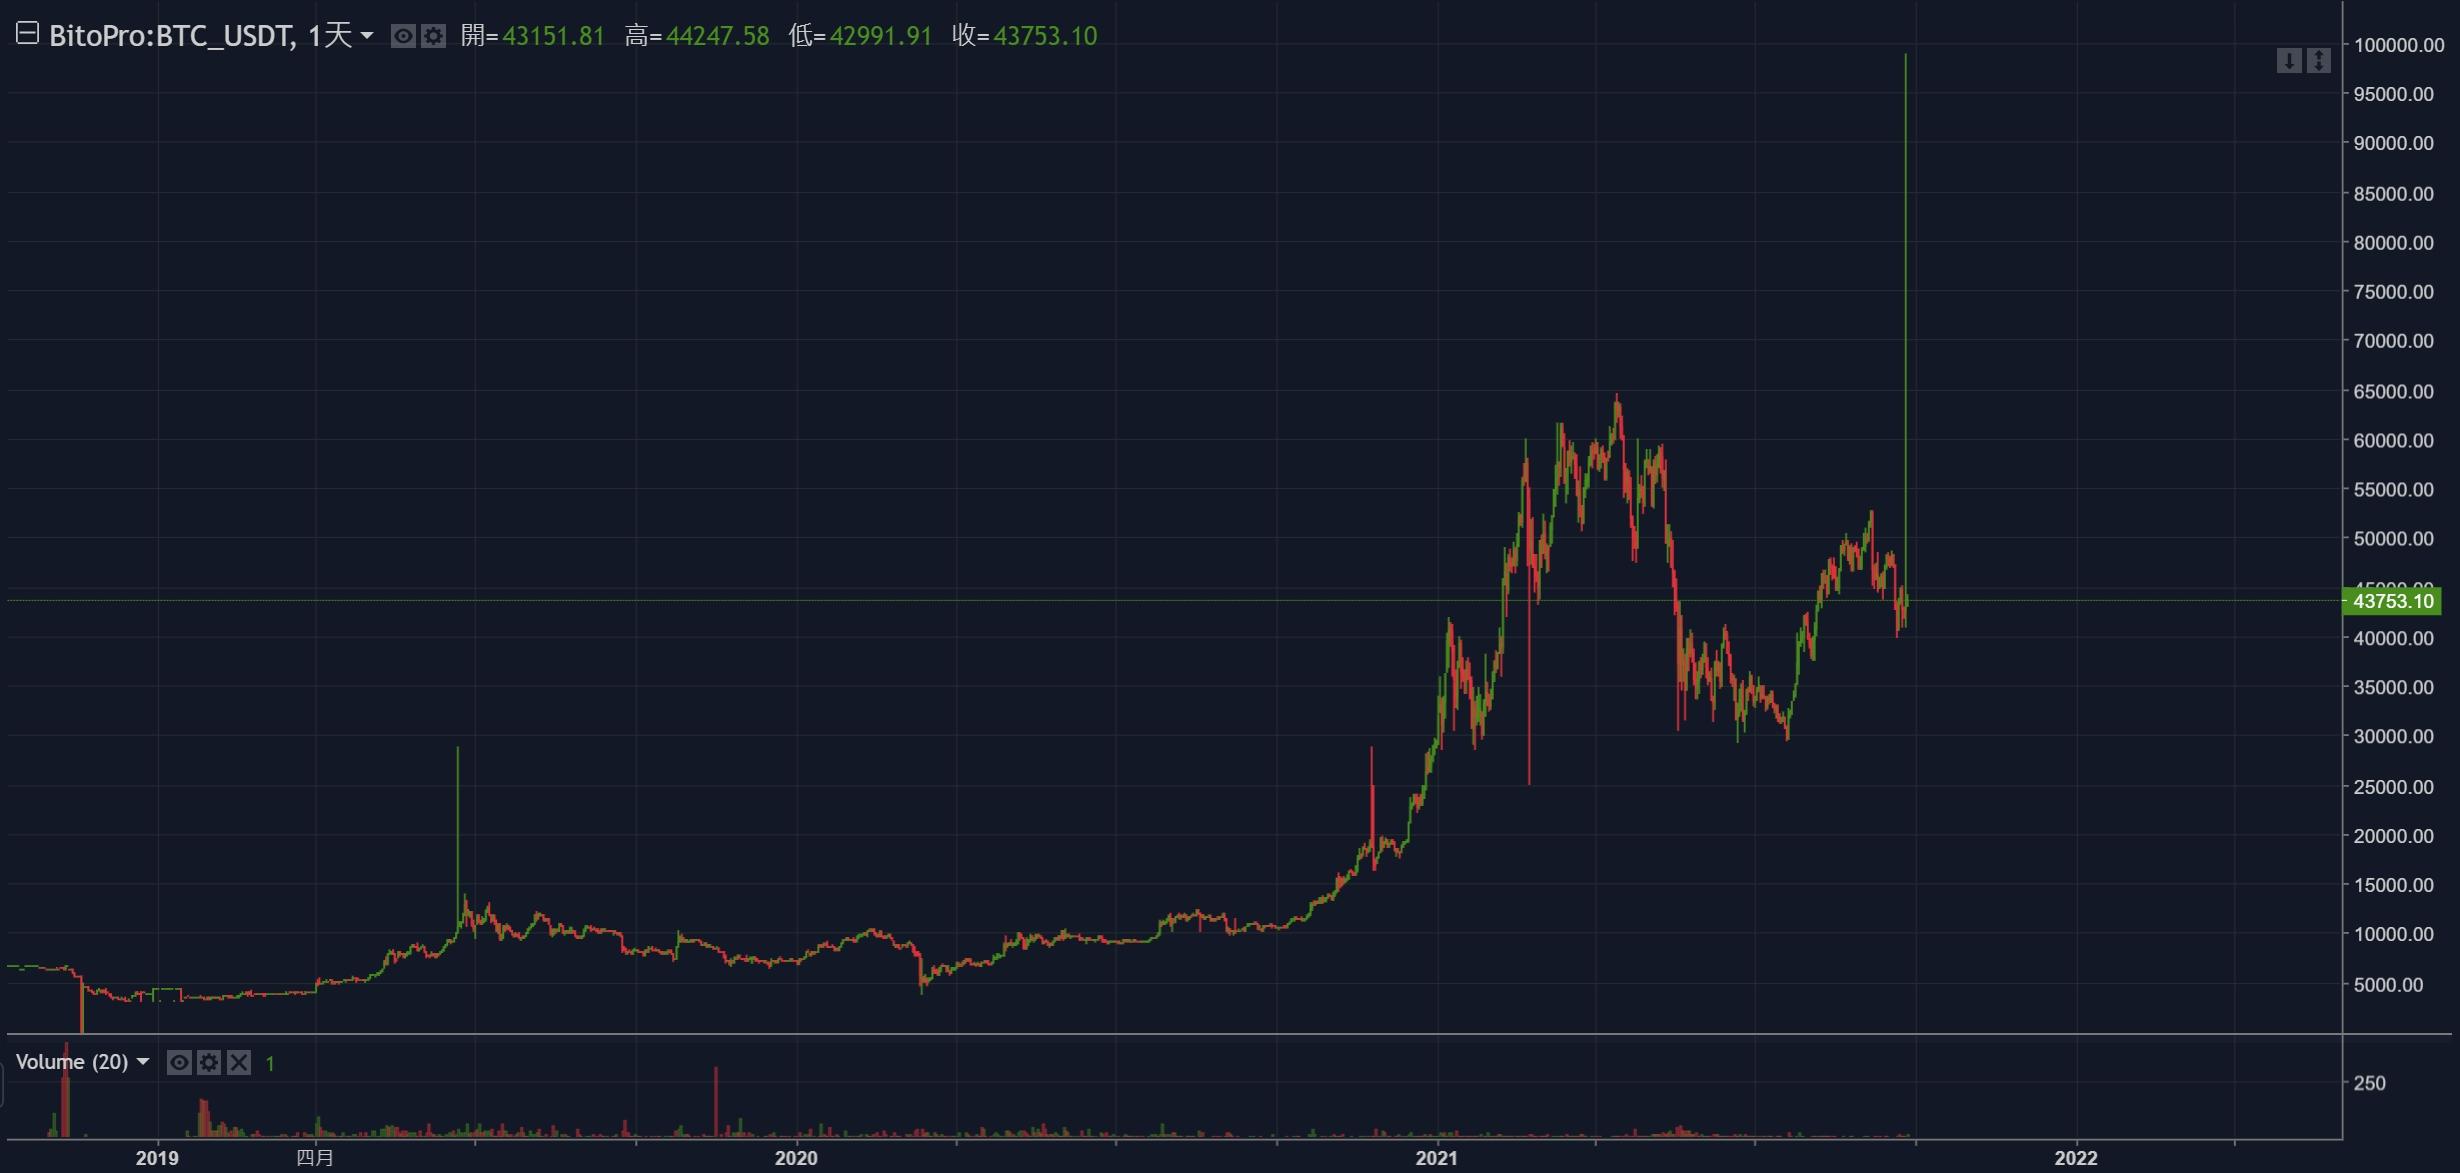 「台灣BTC價格」突破10萬美元?幣託交易所比特幣兩度插針暴衝